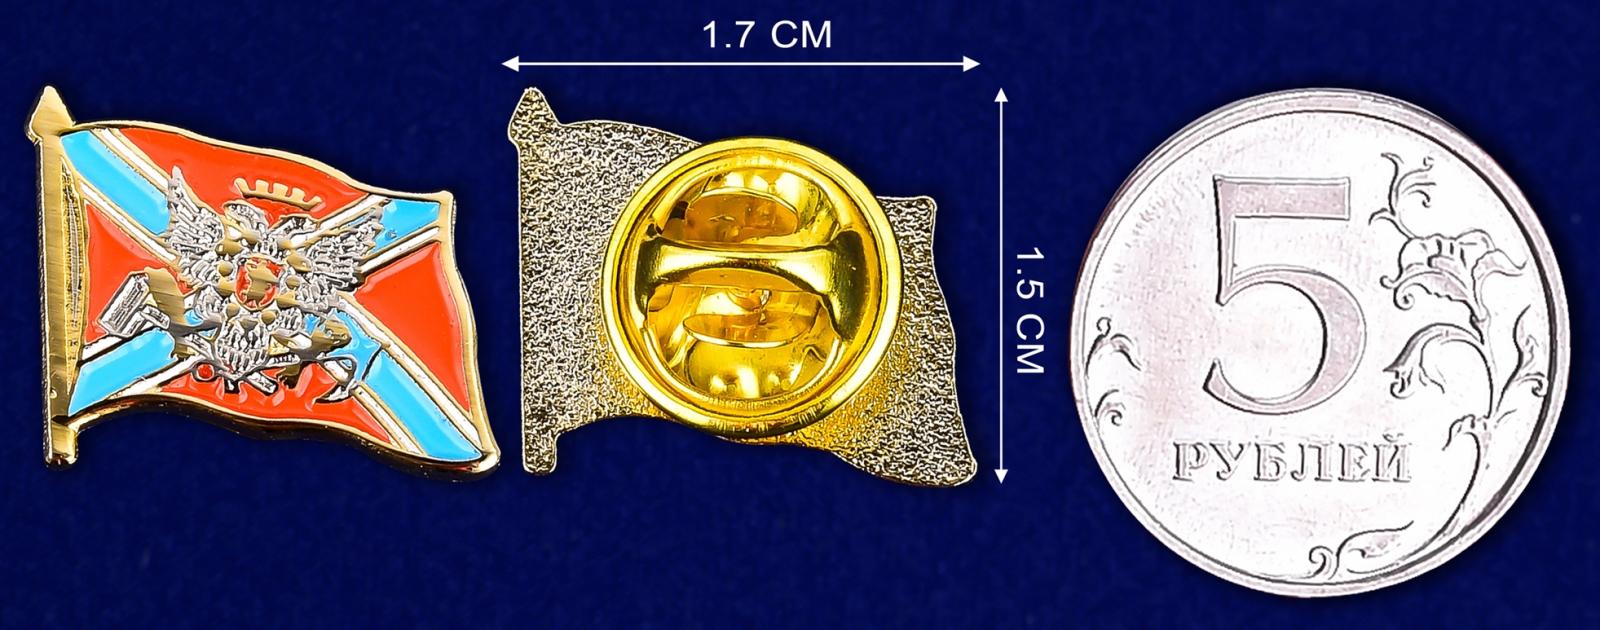 Значок Новороссии - сравнительный размер